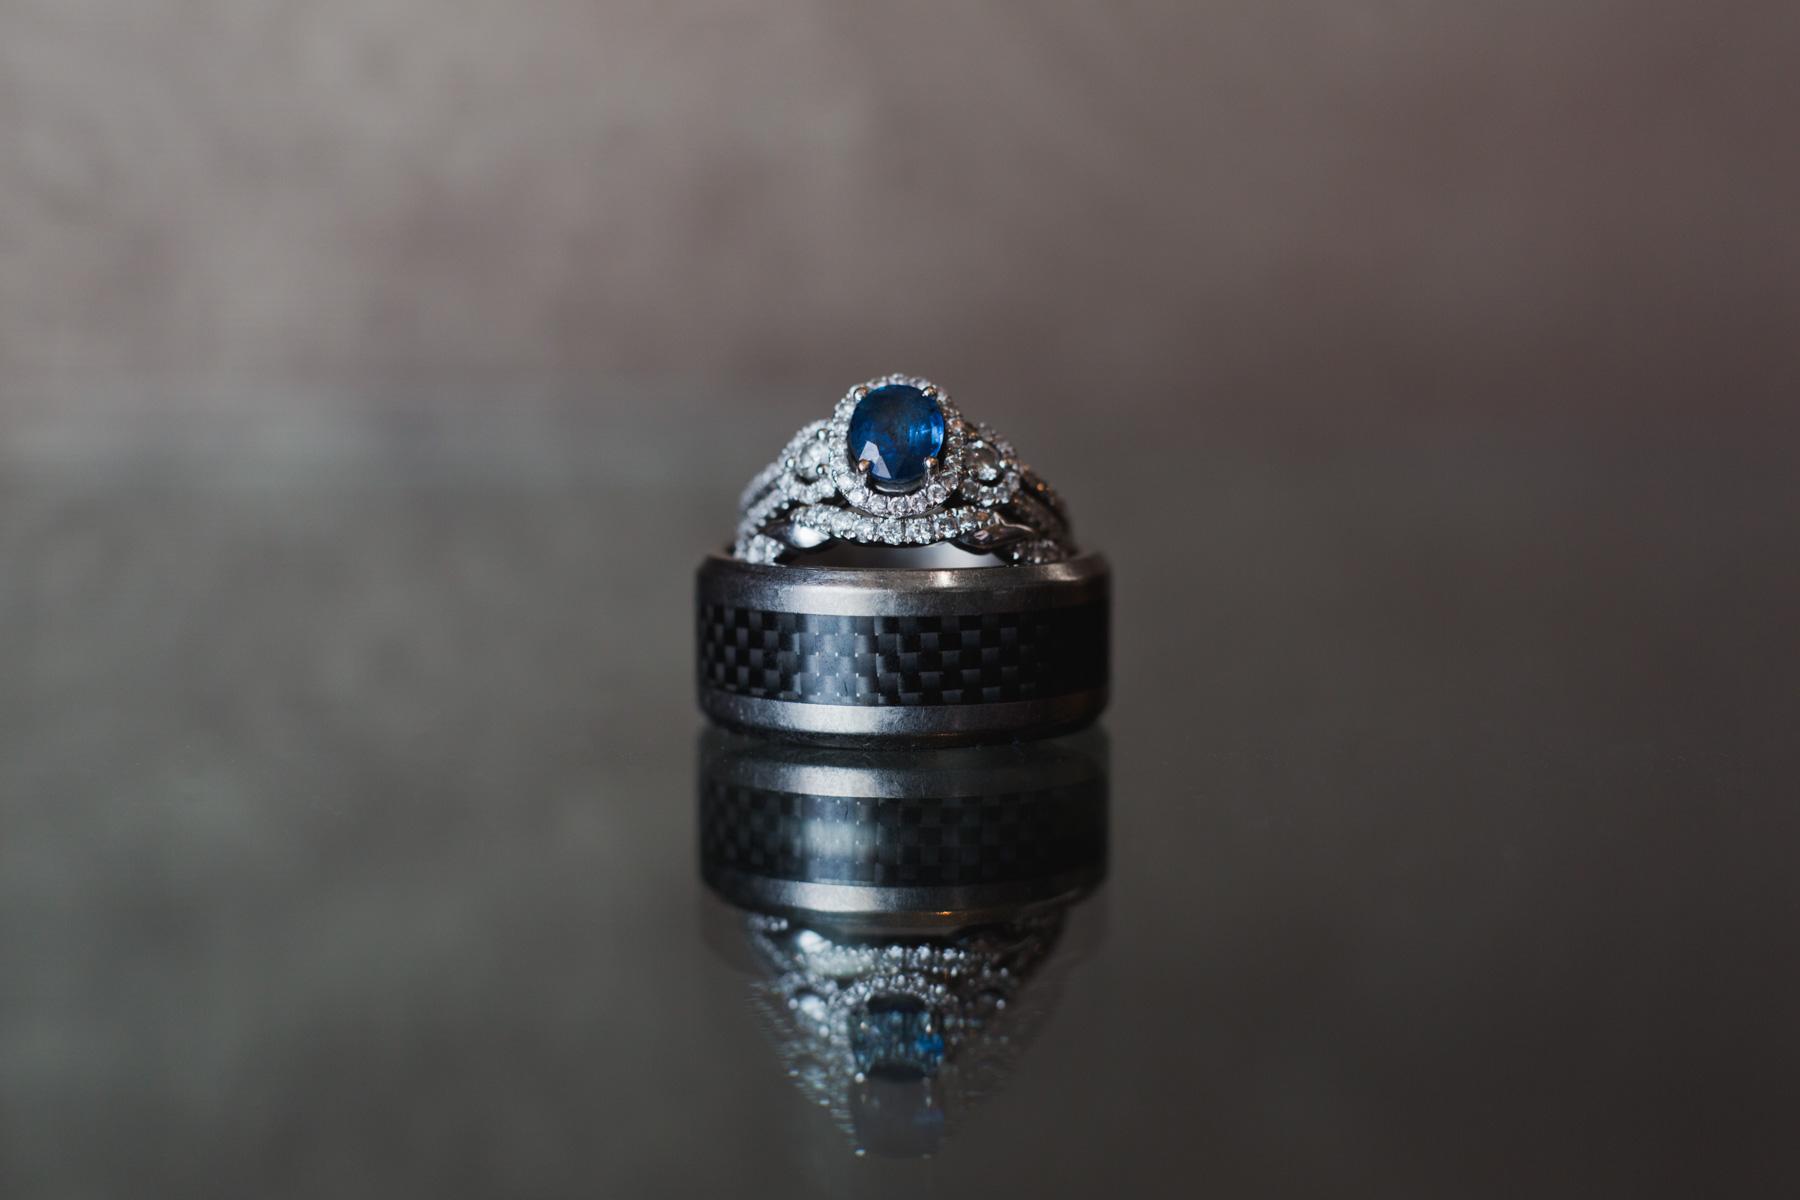 cambridge ma wedding ring detail macro shot